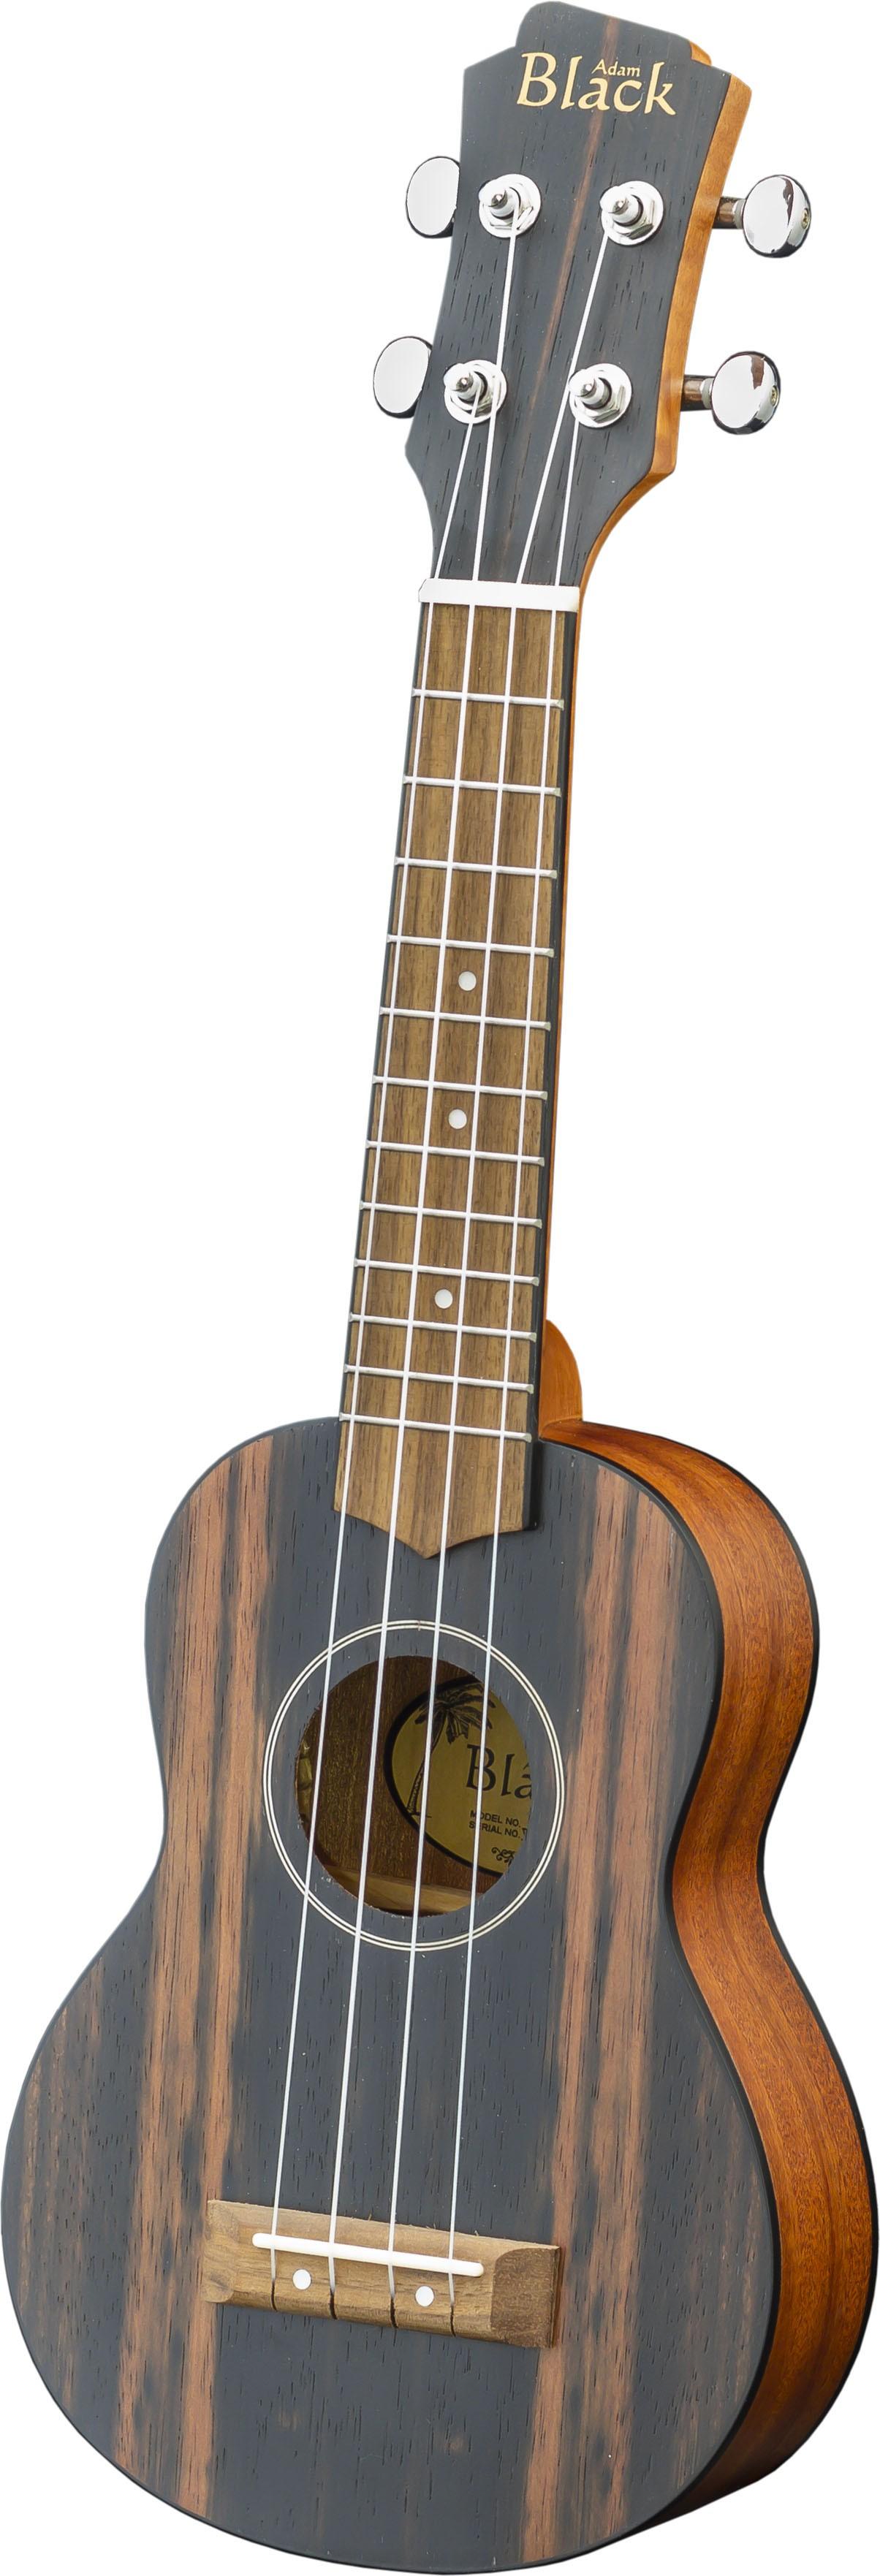 Adam Black Exotic Wood Series Soprano Ukulele - Striped Ebony